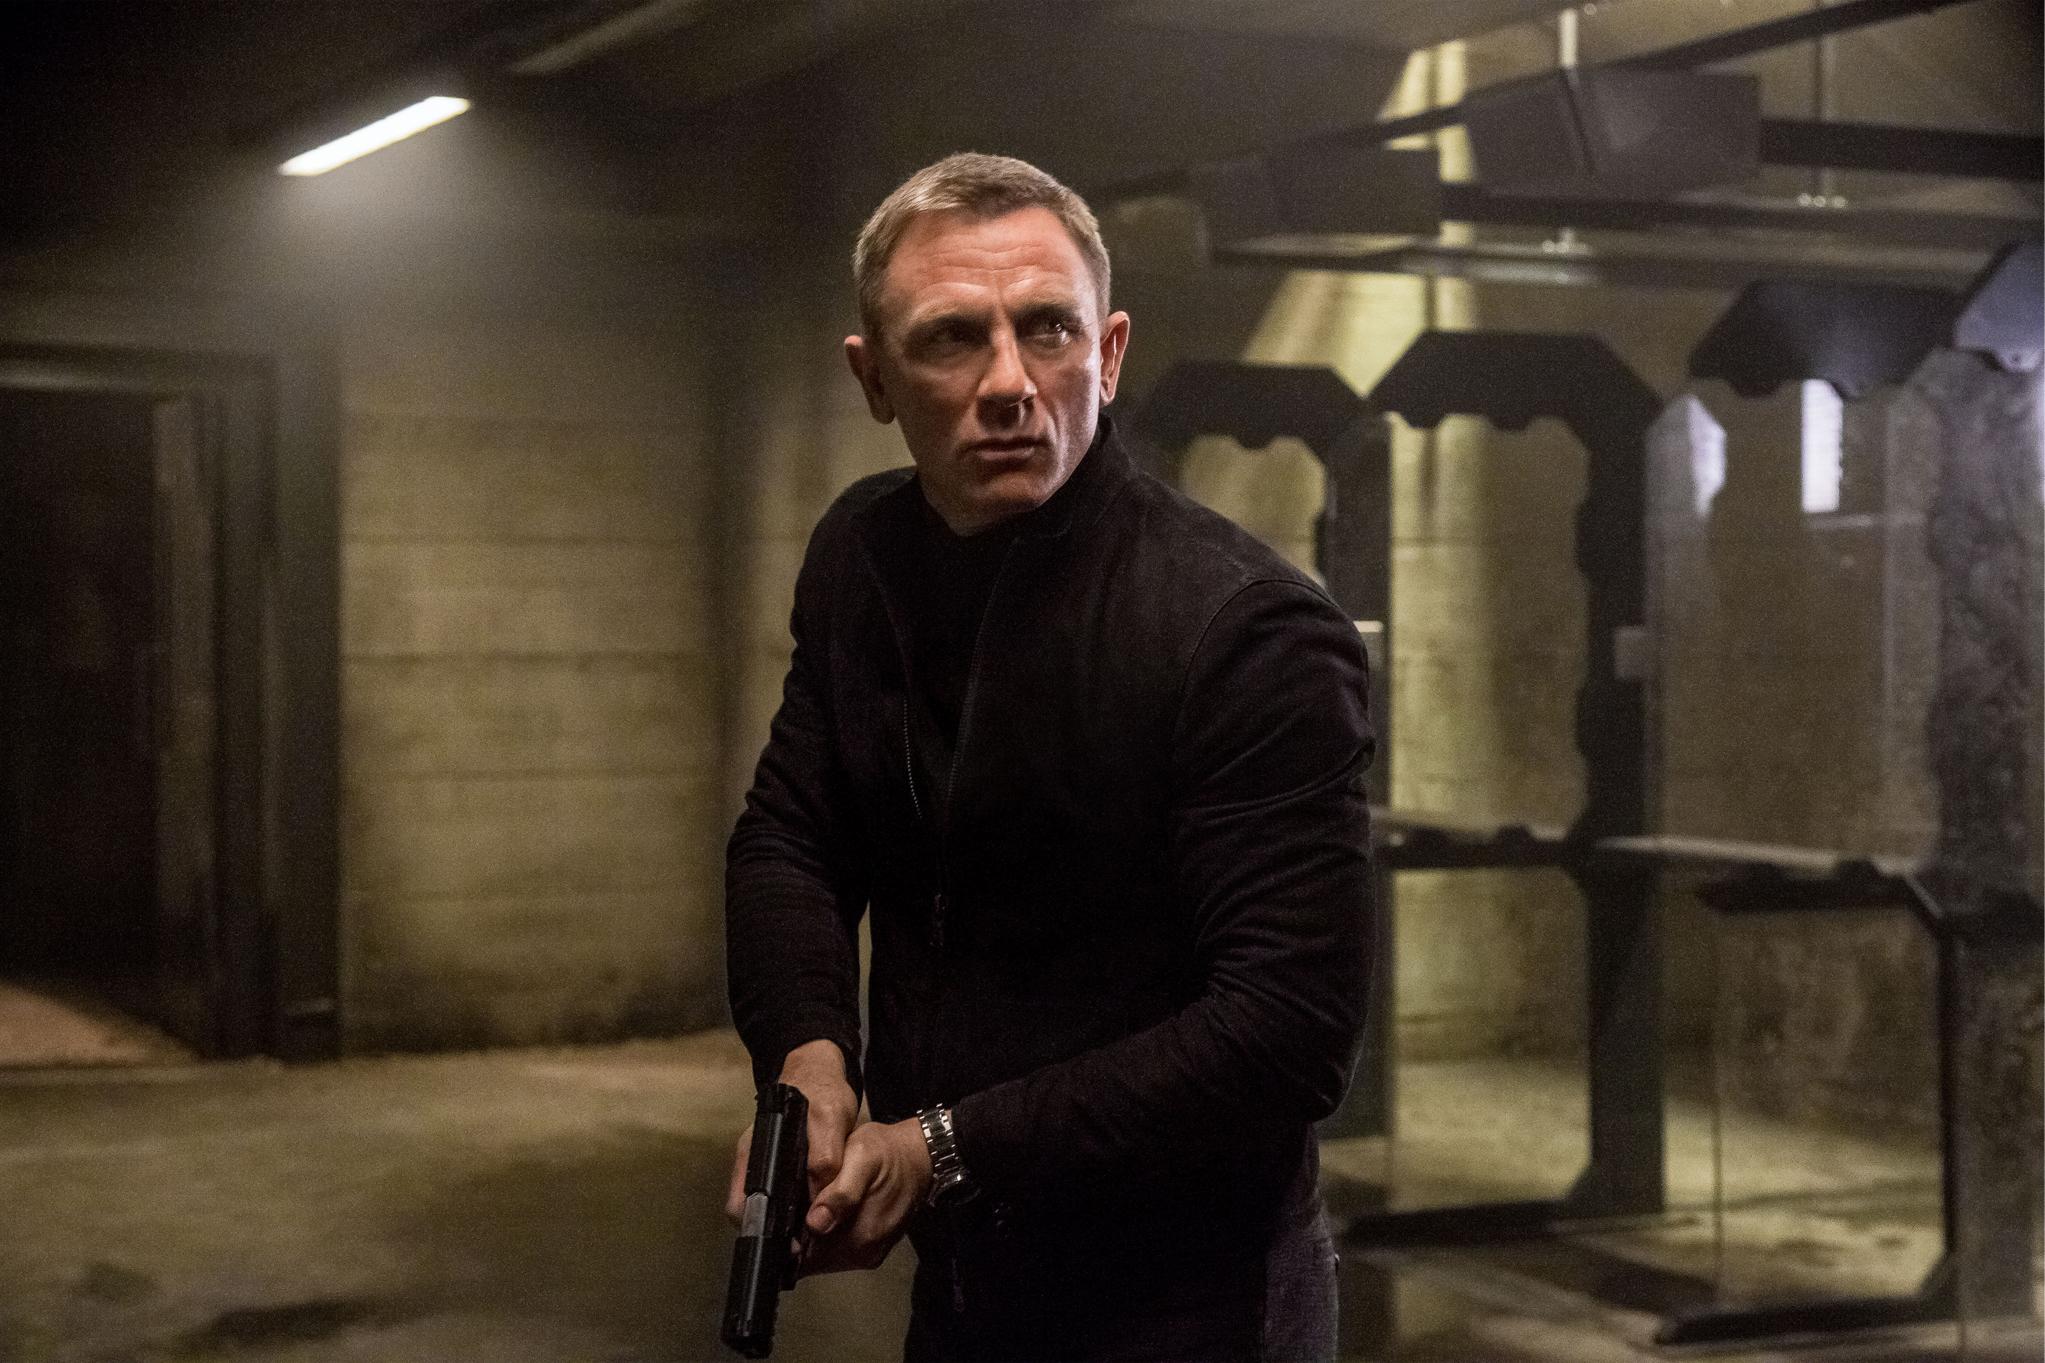 Bond 25 : ダニエル・クレイグが「007」の撮影中に足首を負傷 ! !、撮影休止に追い込まれた「ボンド25」の公開が延期になる可能性が浮上 ! ! - CIA Movie News